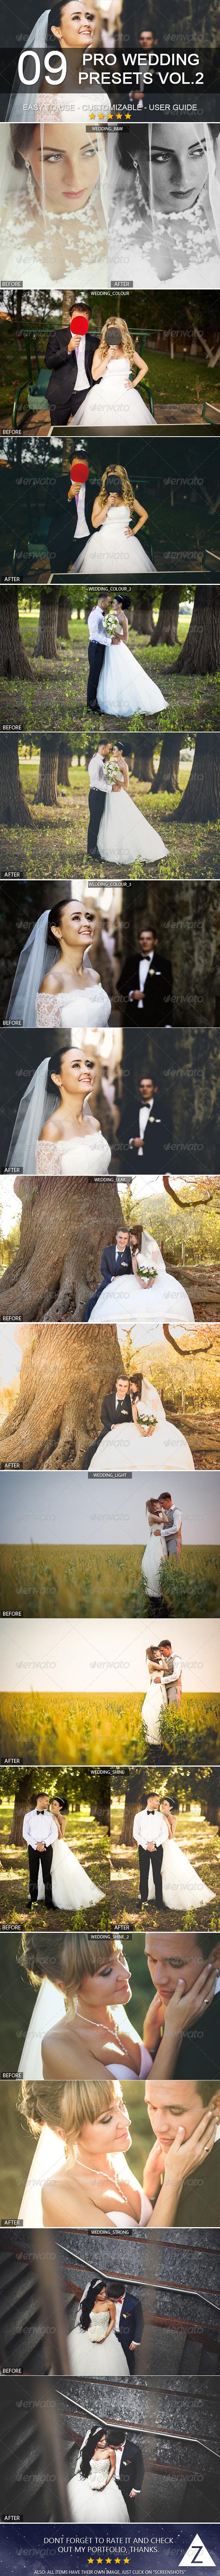 GraphicRiver 9 Pro Wedding Presets vol.2 6441398